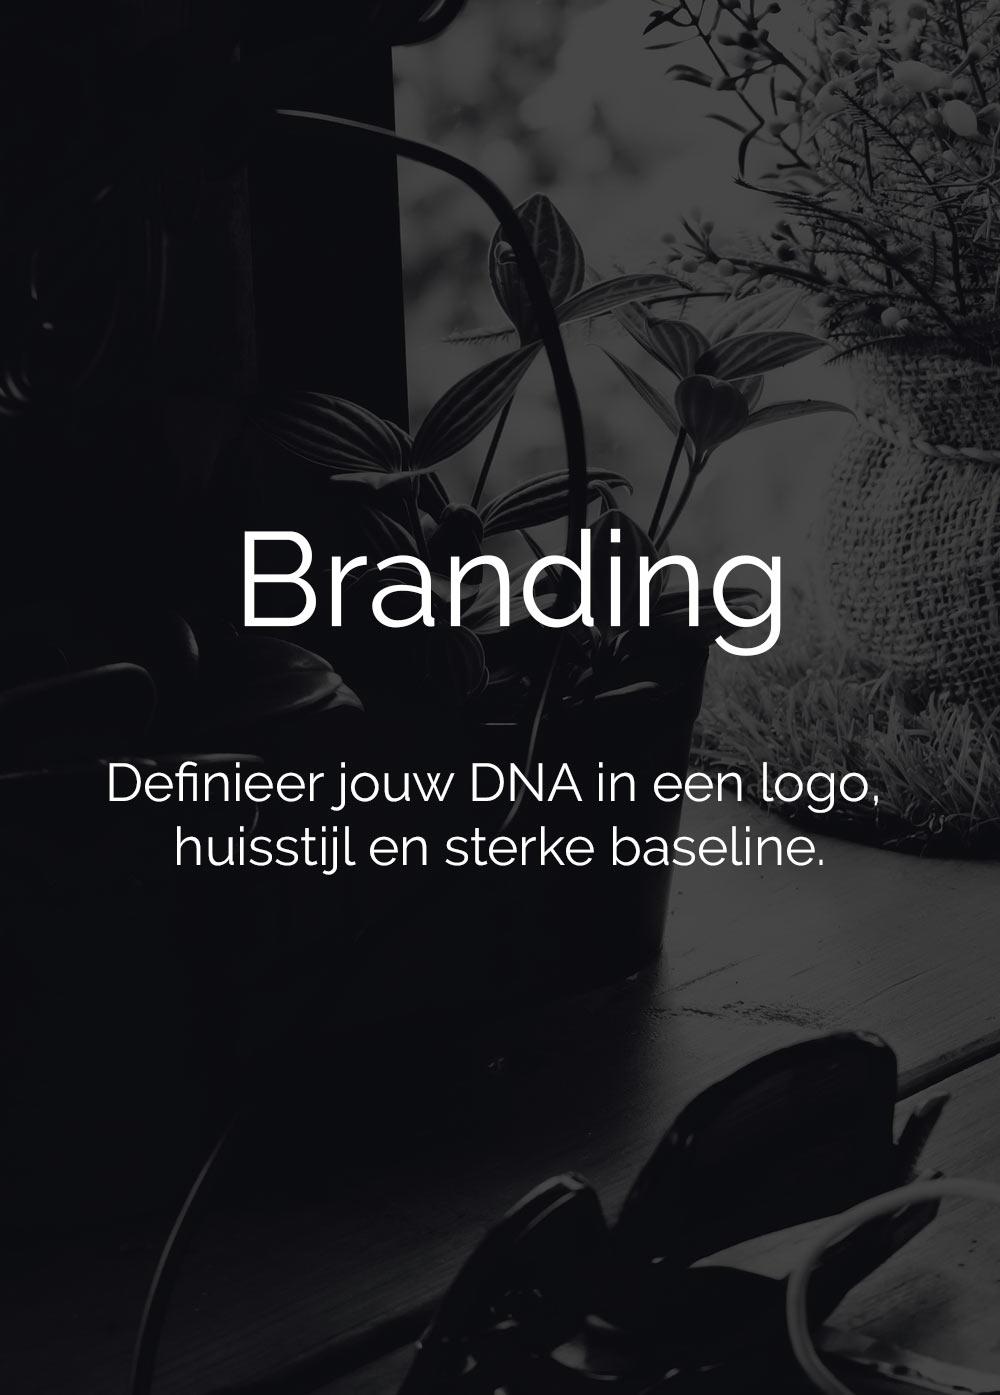 Branding - Definieer jouw DNA in een logo, huisstijl en sterke baseline